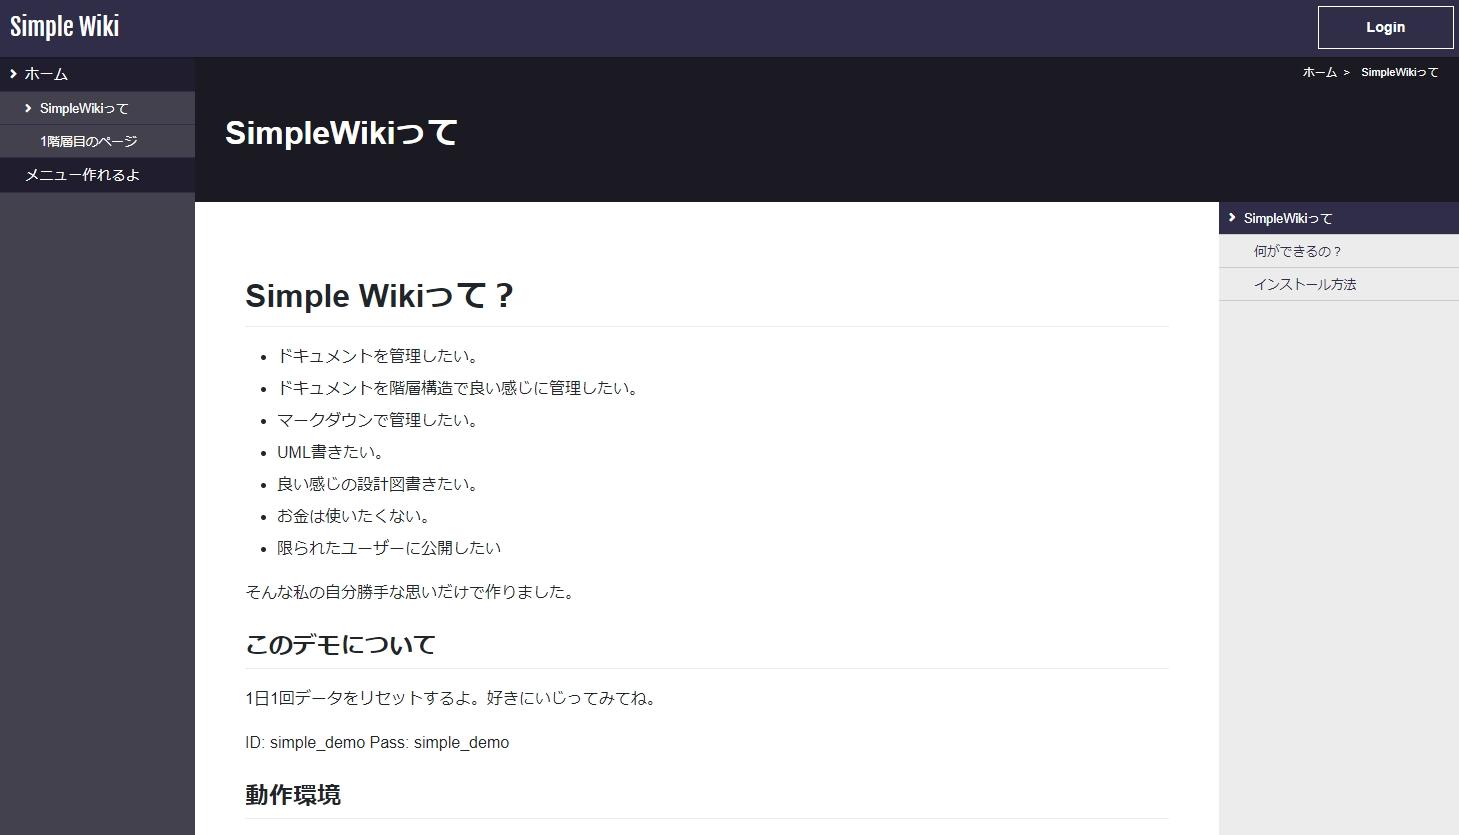 【Simple Wiki】Markdownで書けるドキュメント管理ツール作ってみた